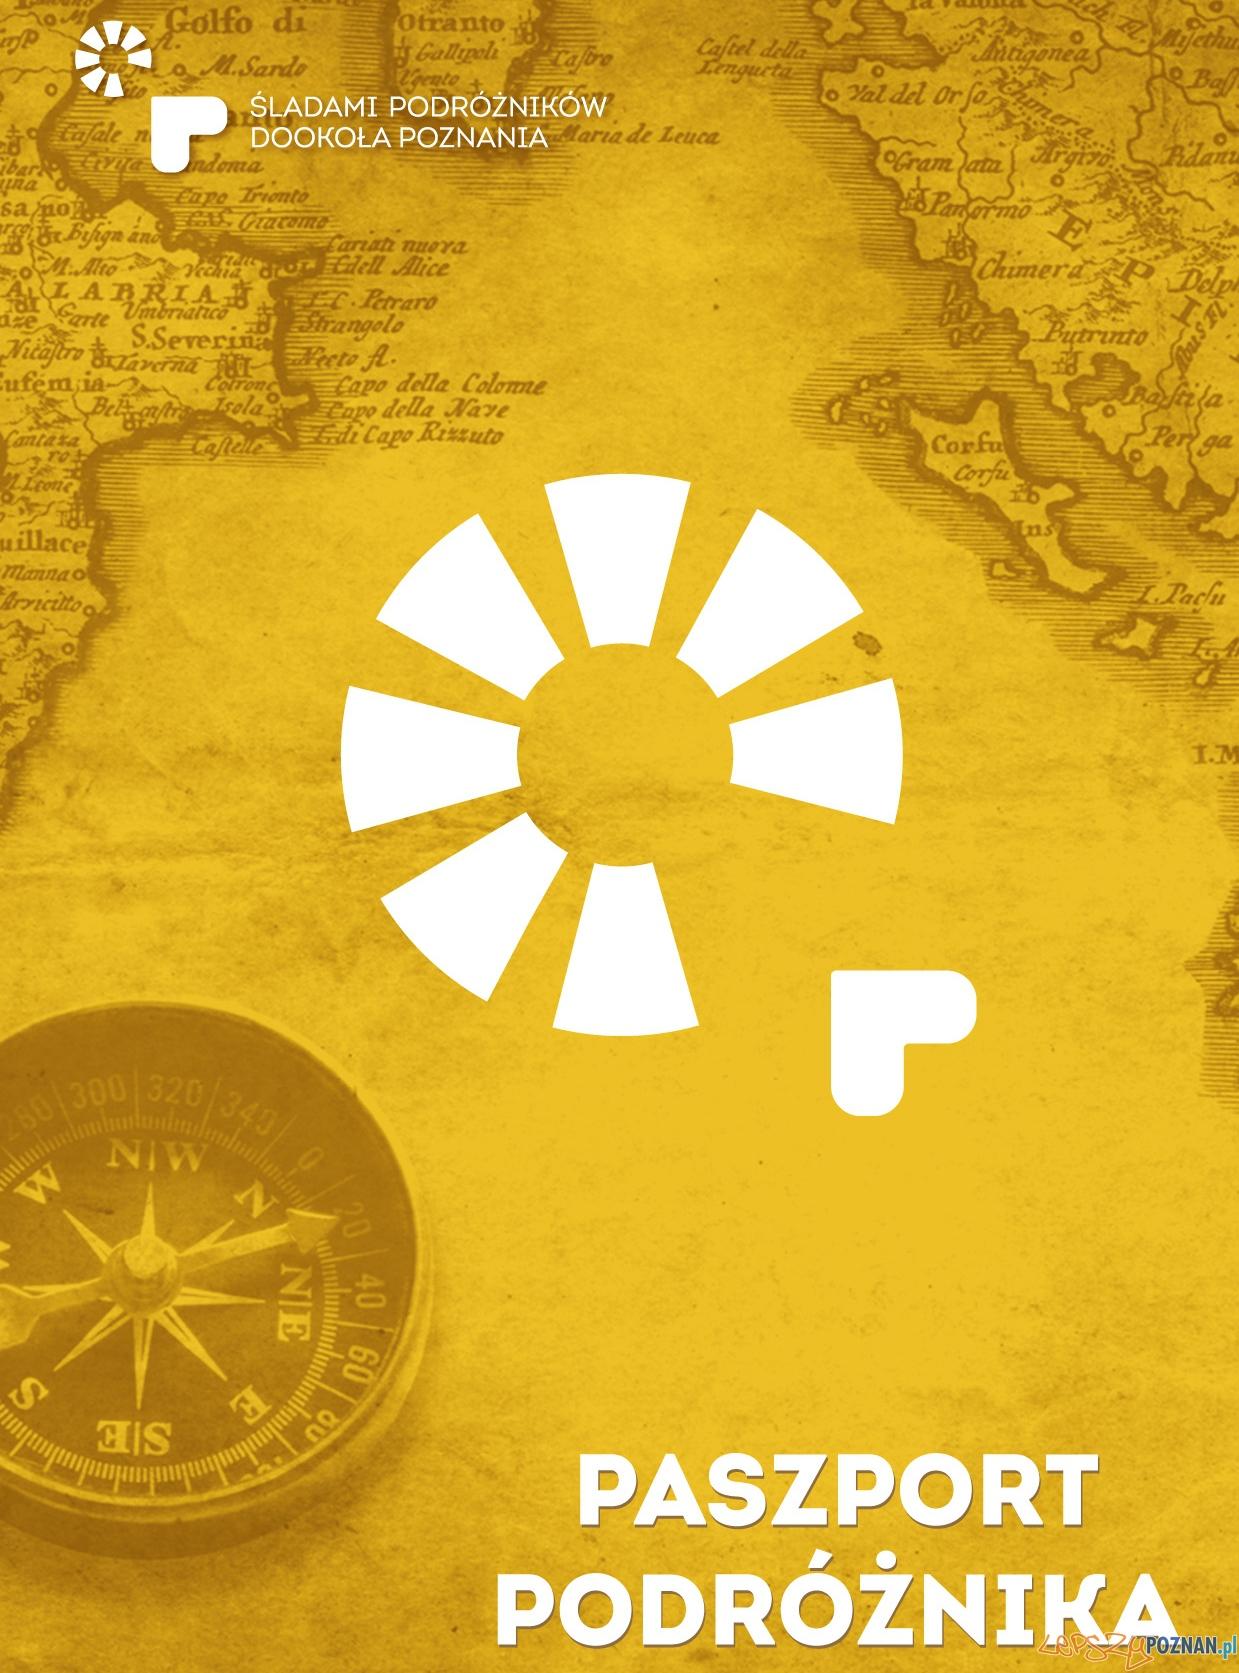 Paszport podróżnika - plakat  Foto: Paszport podróżnika - plakat